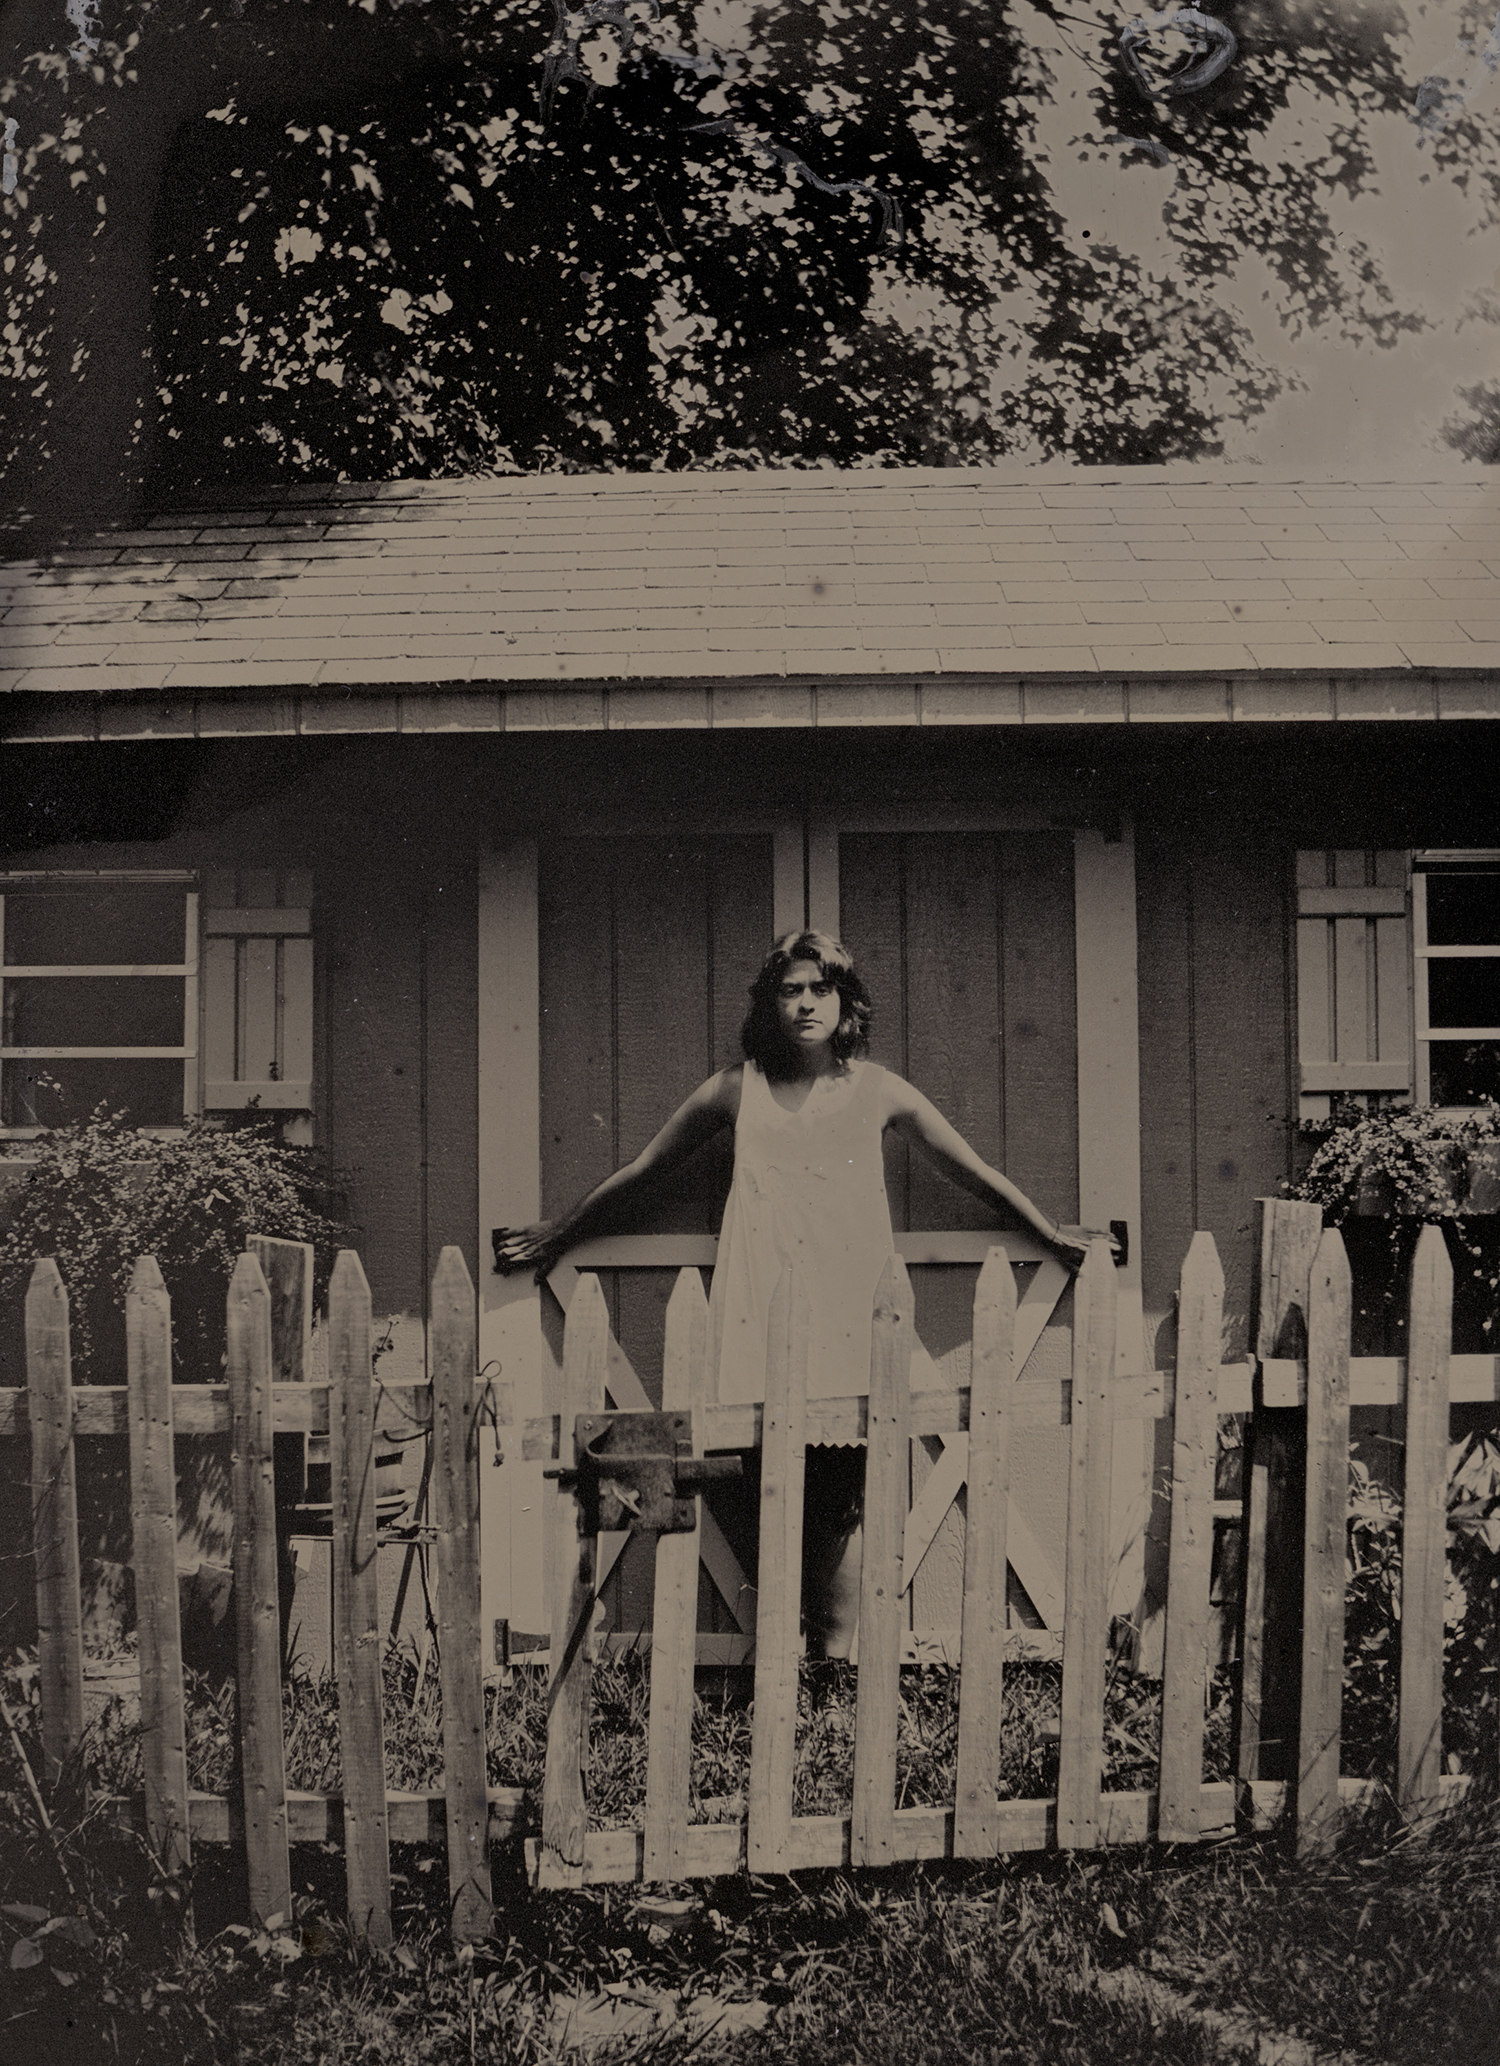 Dana-Schmerzler-tintype-self-portrait-1.jpg